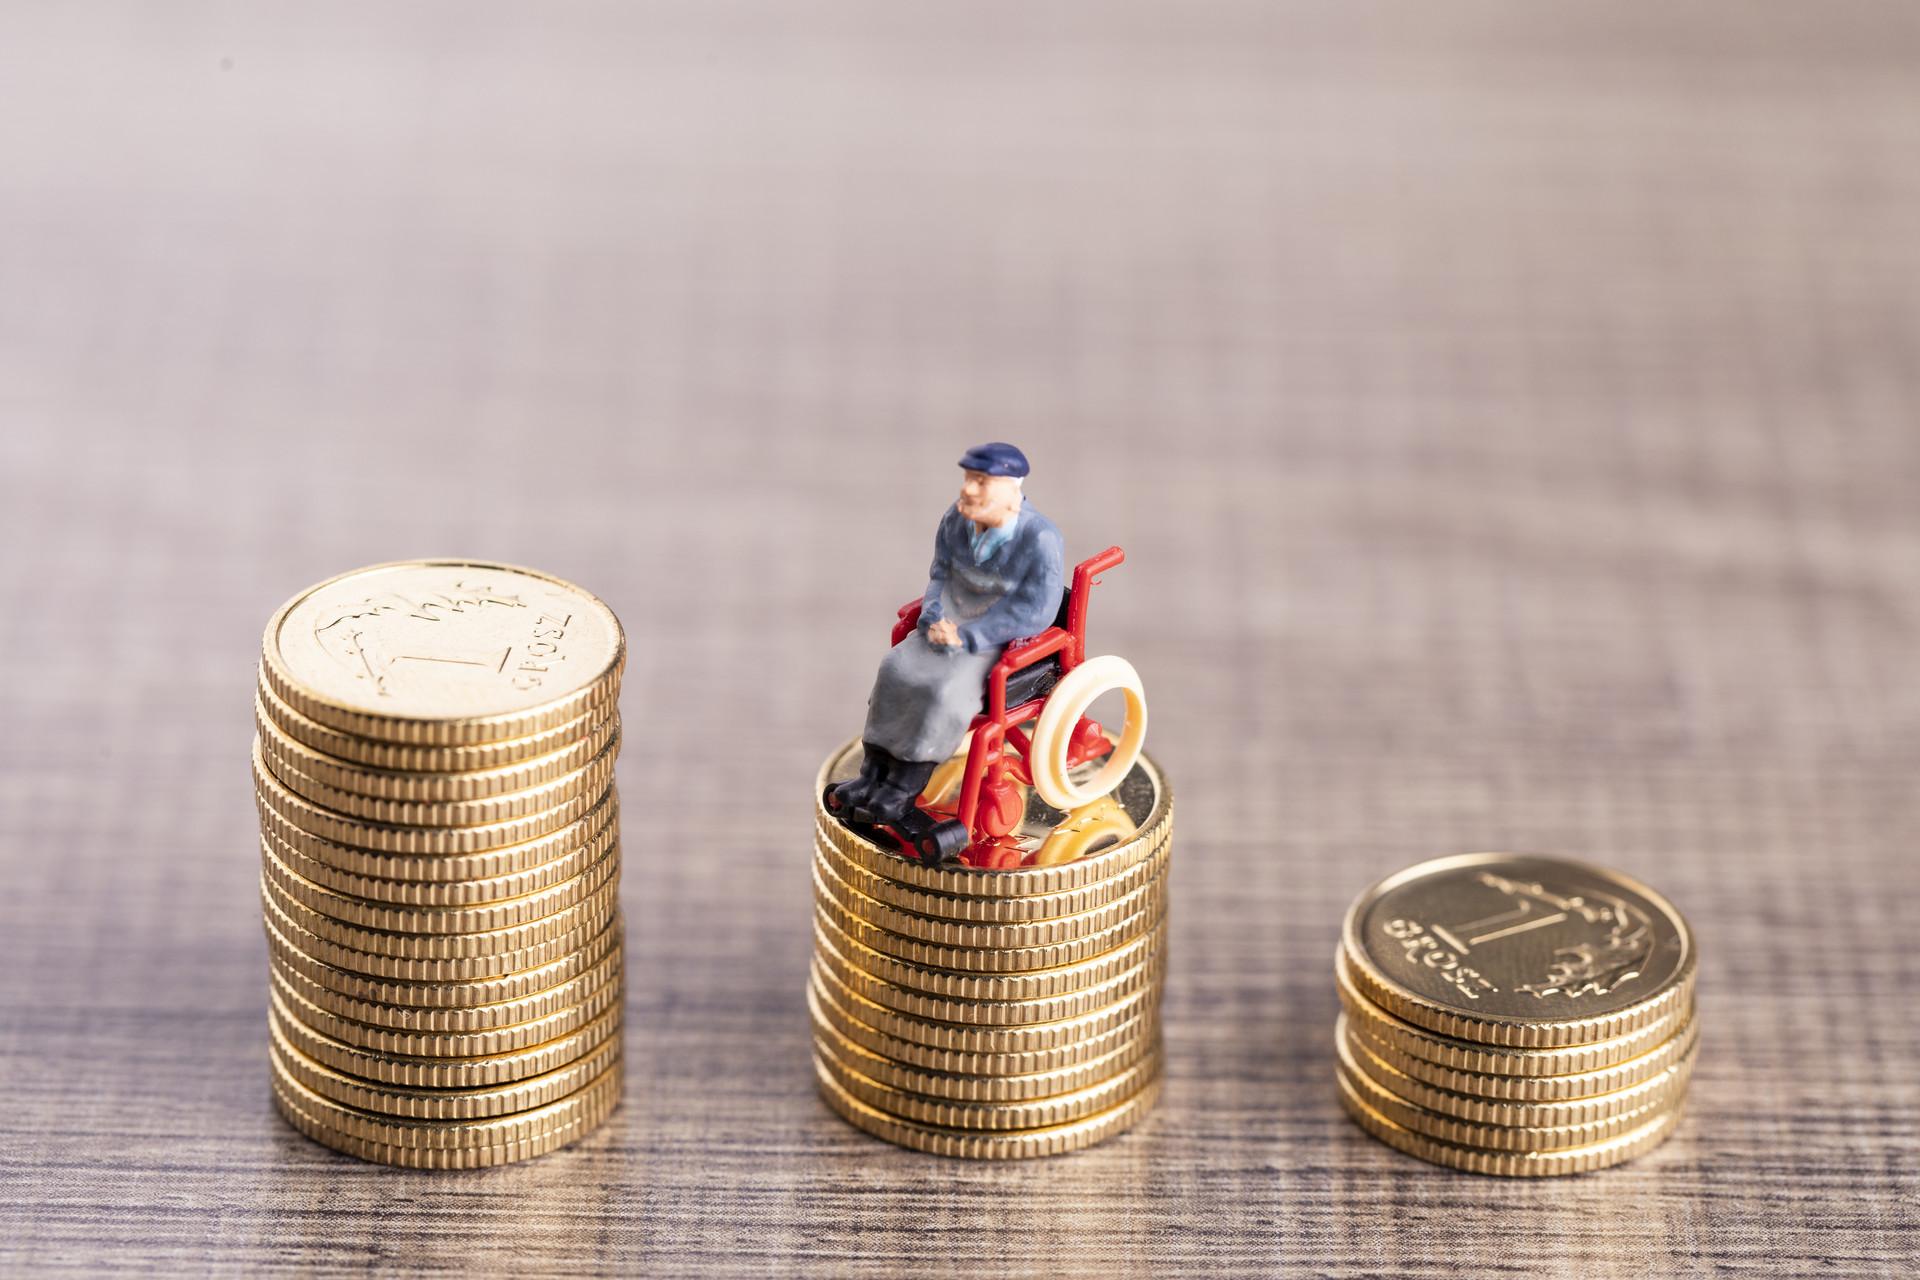 養老金發放是否有保障?公積金提取是否受影響?多部門回應